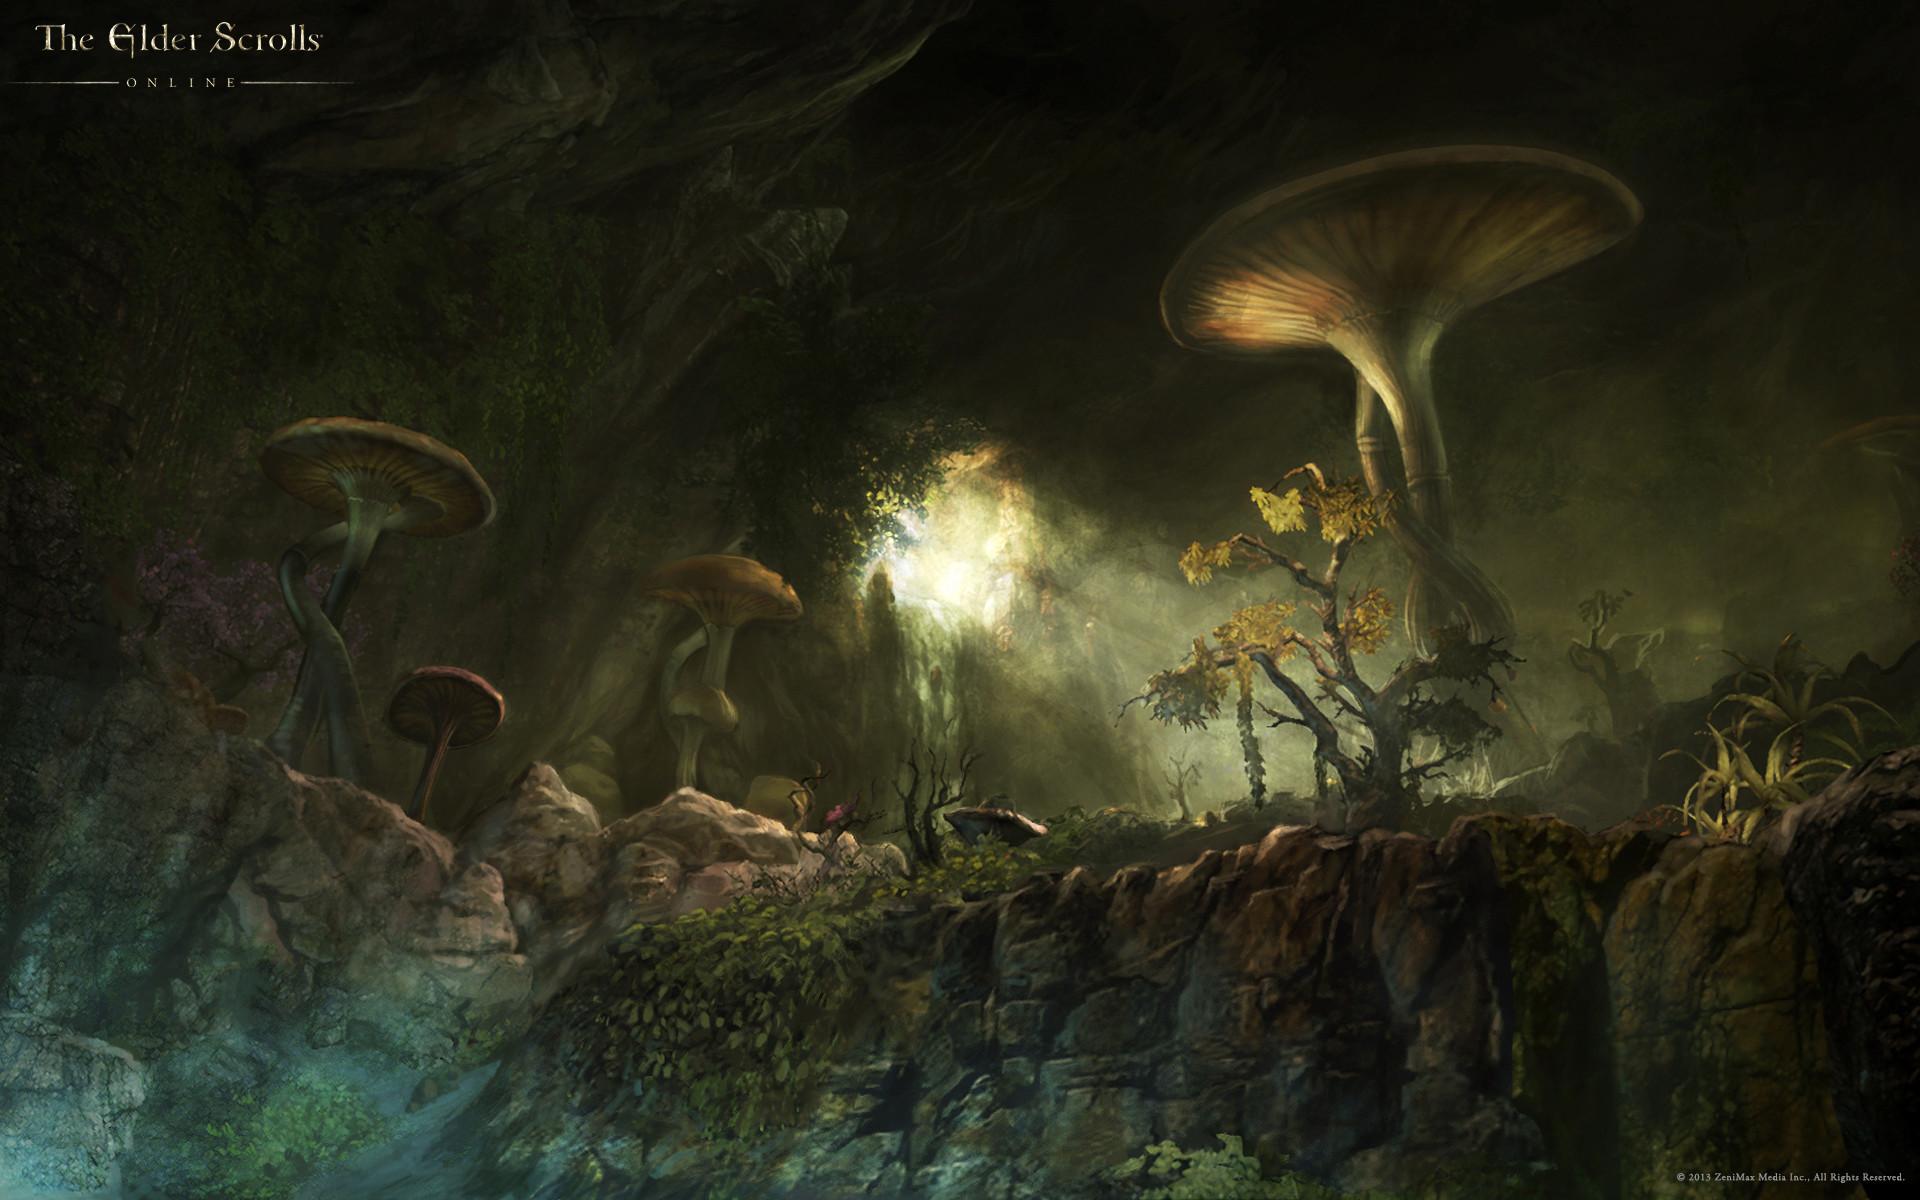 Res: 1920x1200, The_Elder_Scrolls_Online_Wallpaper_Art_05 ·  The_Elder_Scrolls_Online_Wallpaper_Art_06 ·  The_Elder_Scrolls_Online_Wallpaper_Art_06a